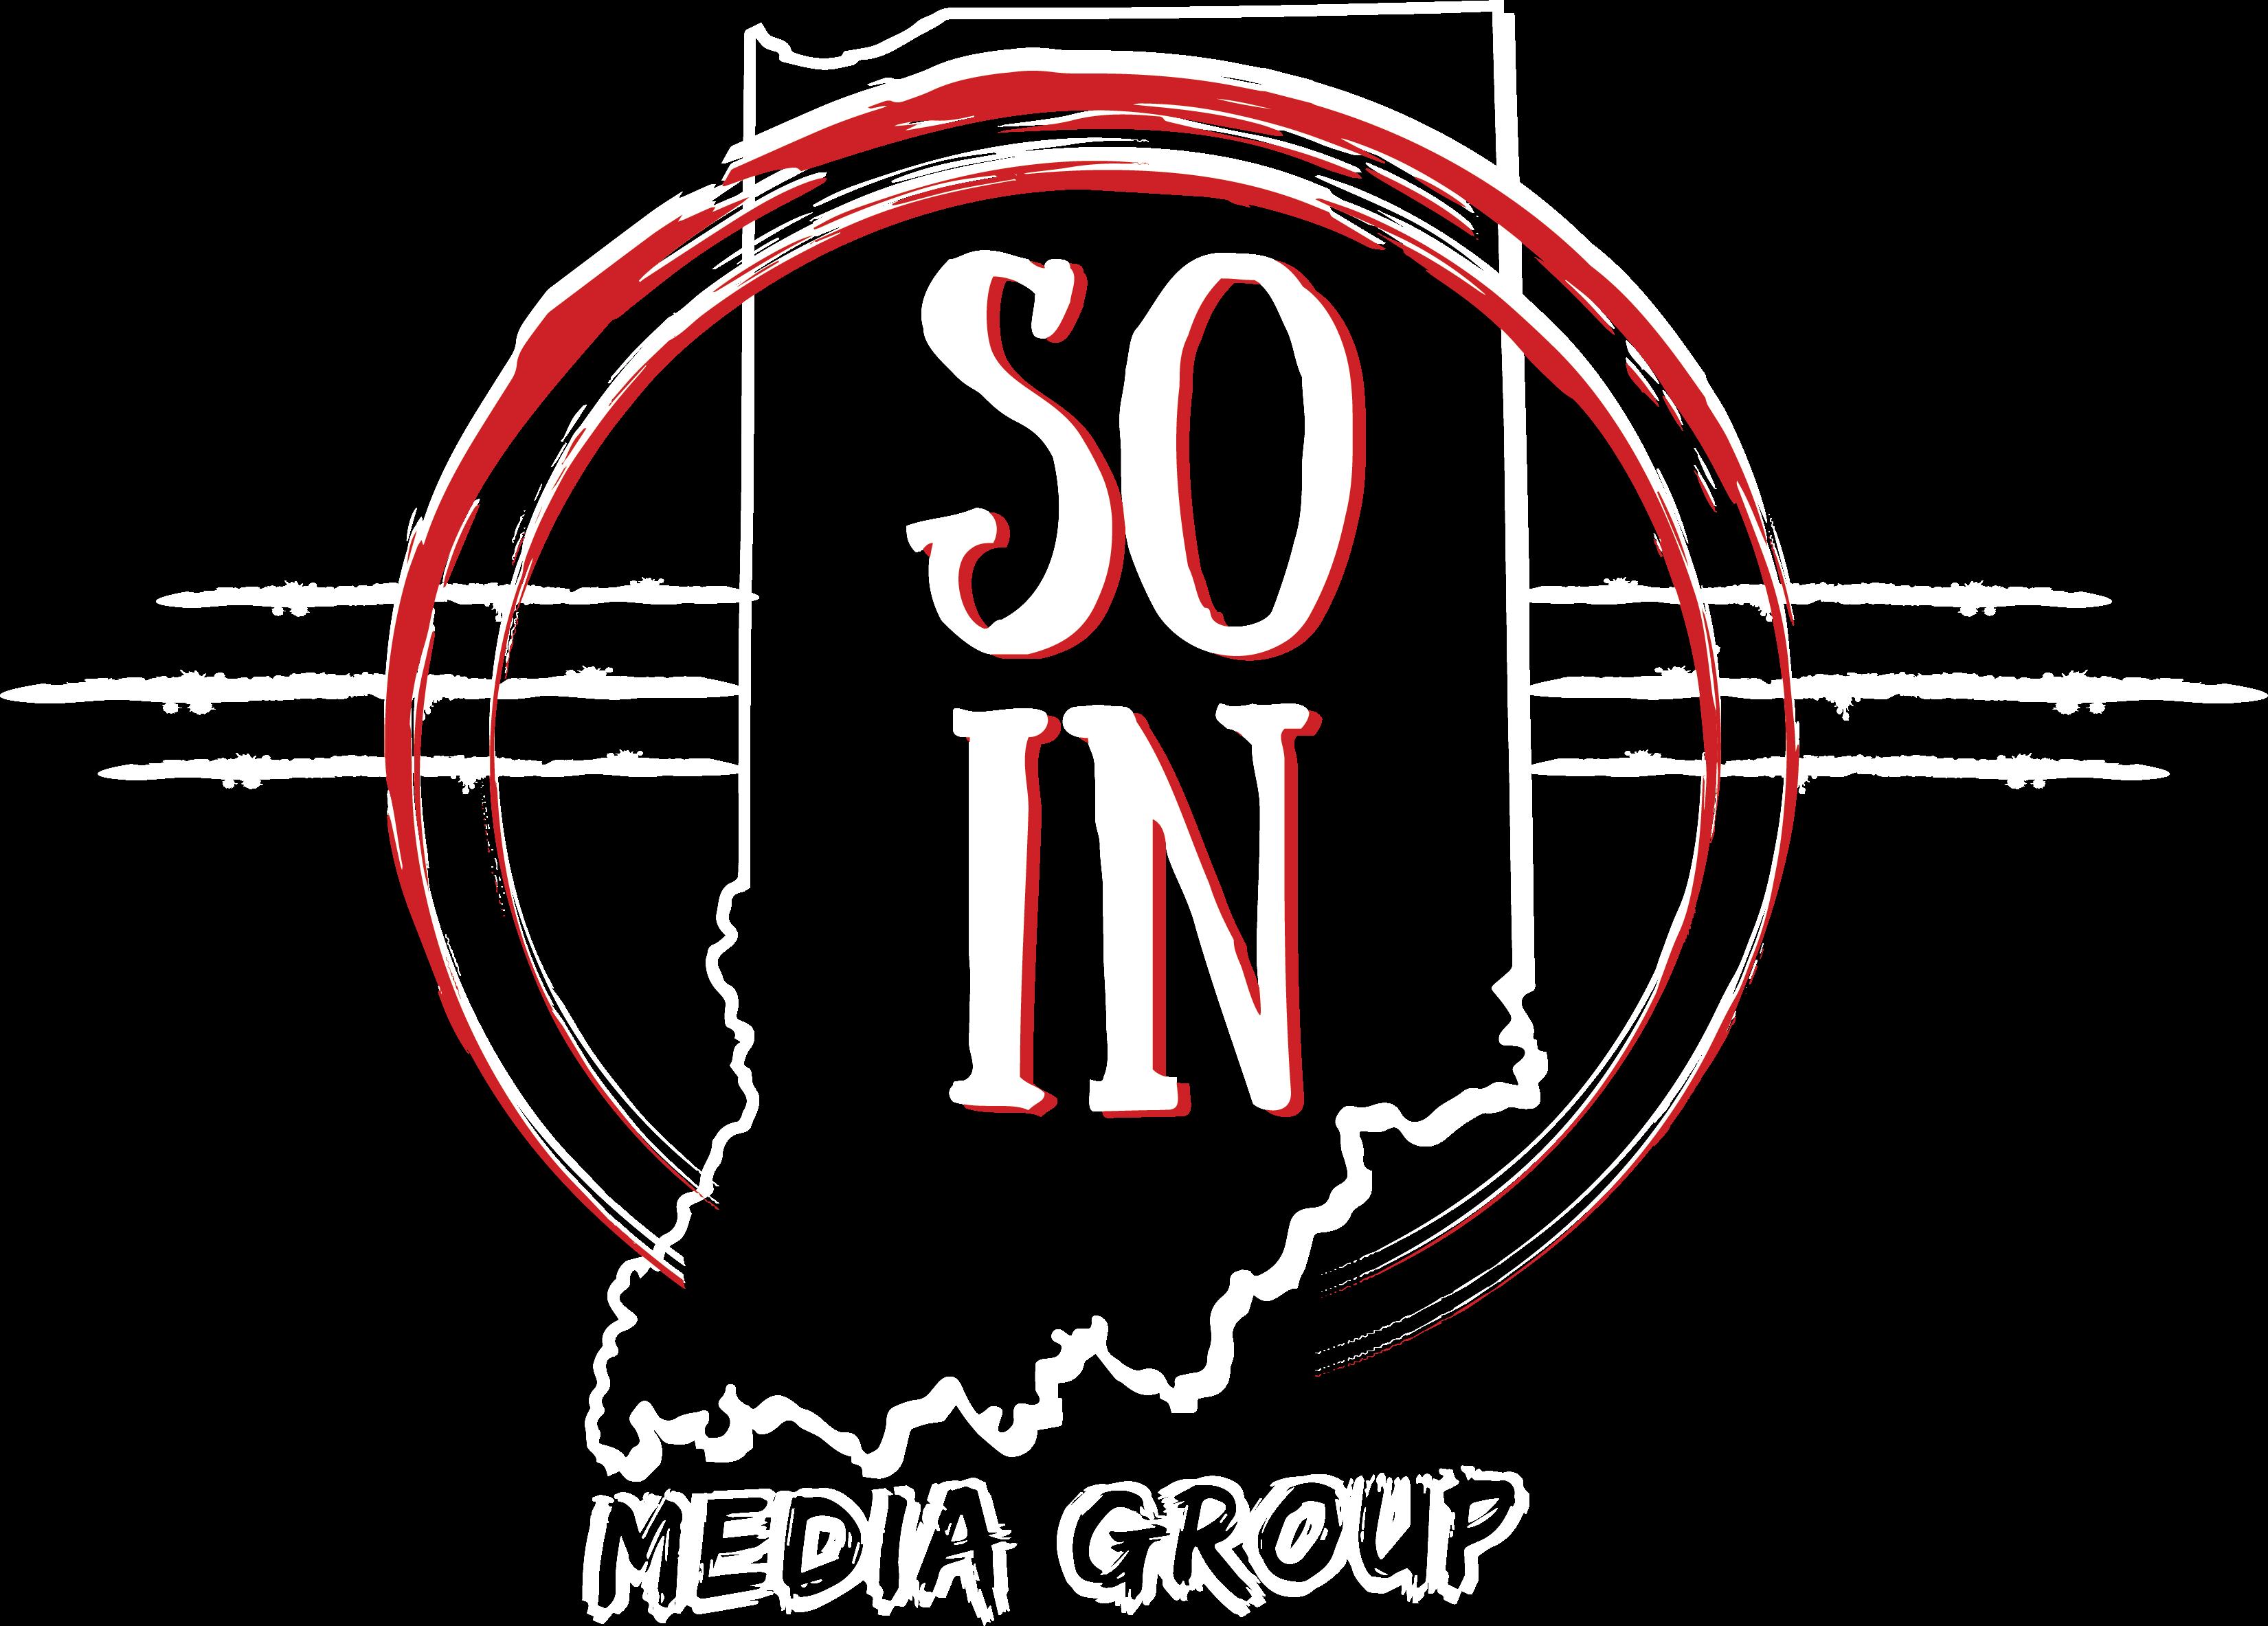 So In Media Group